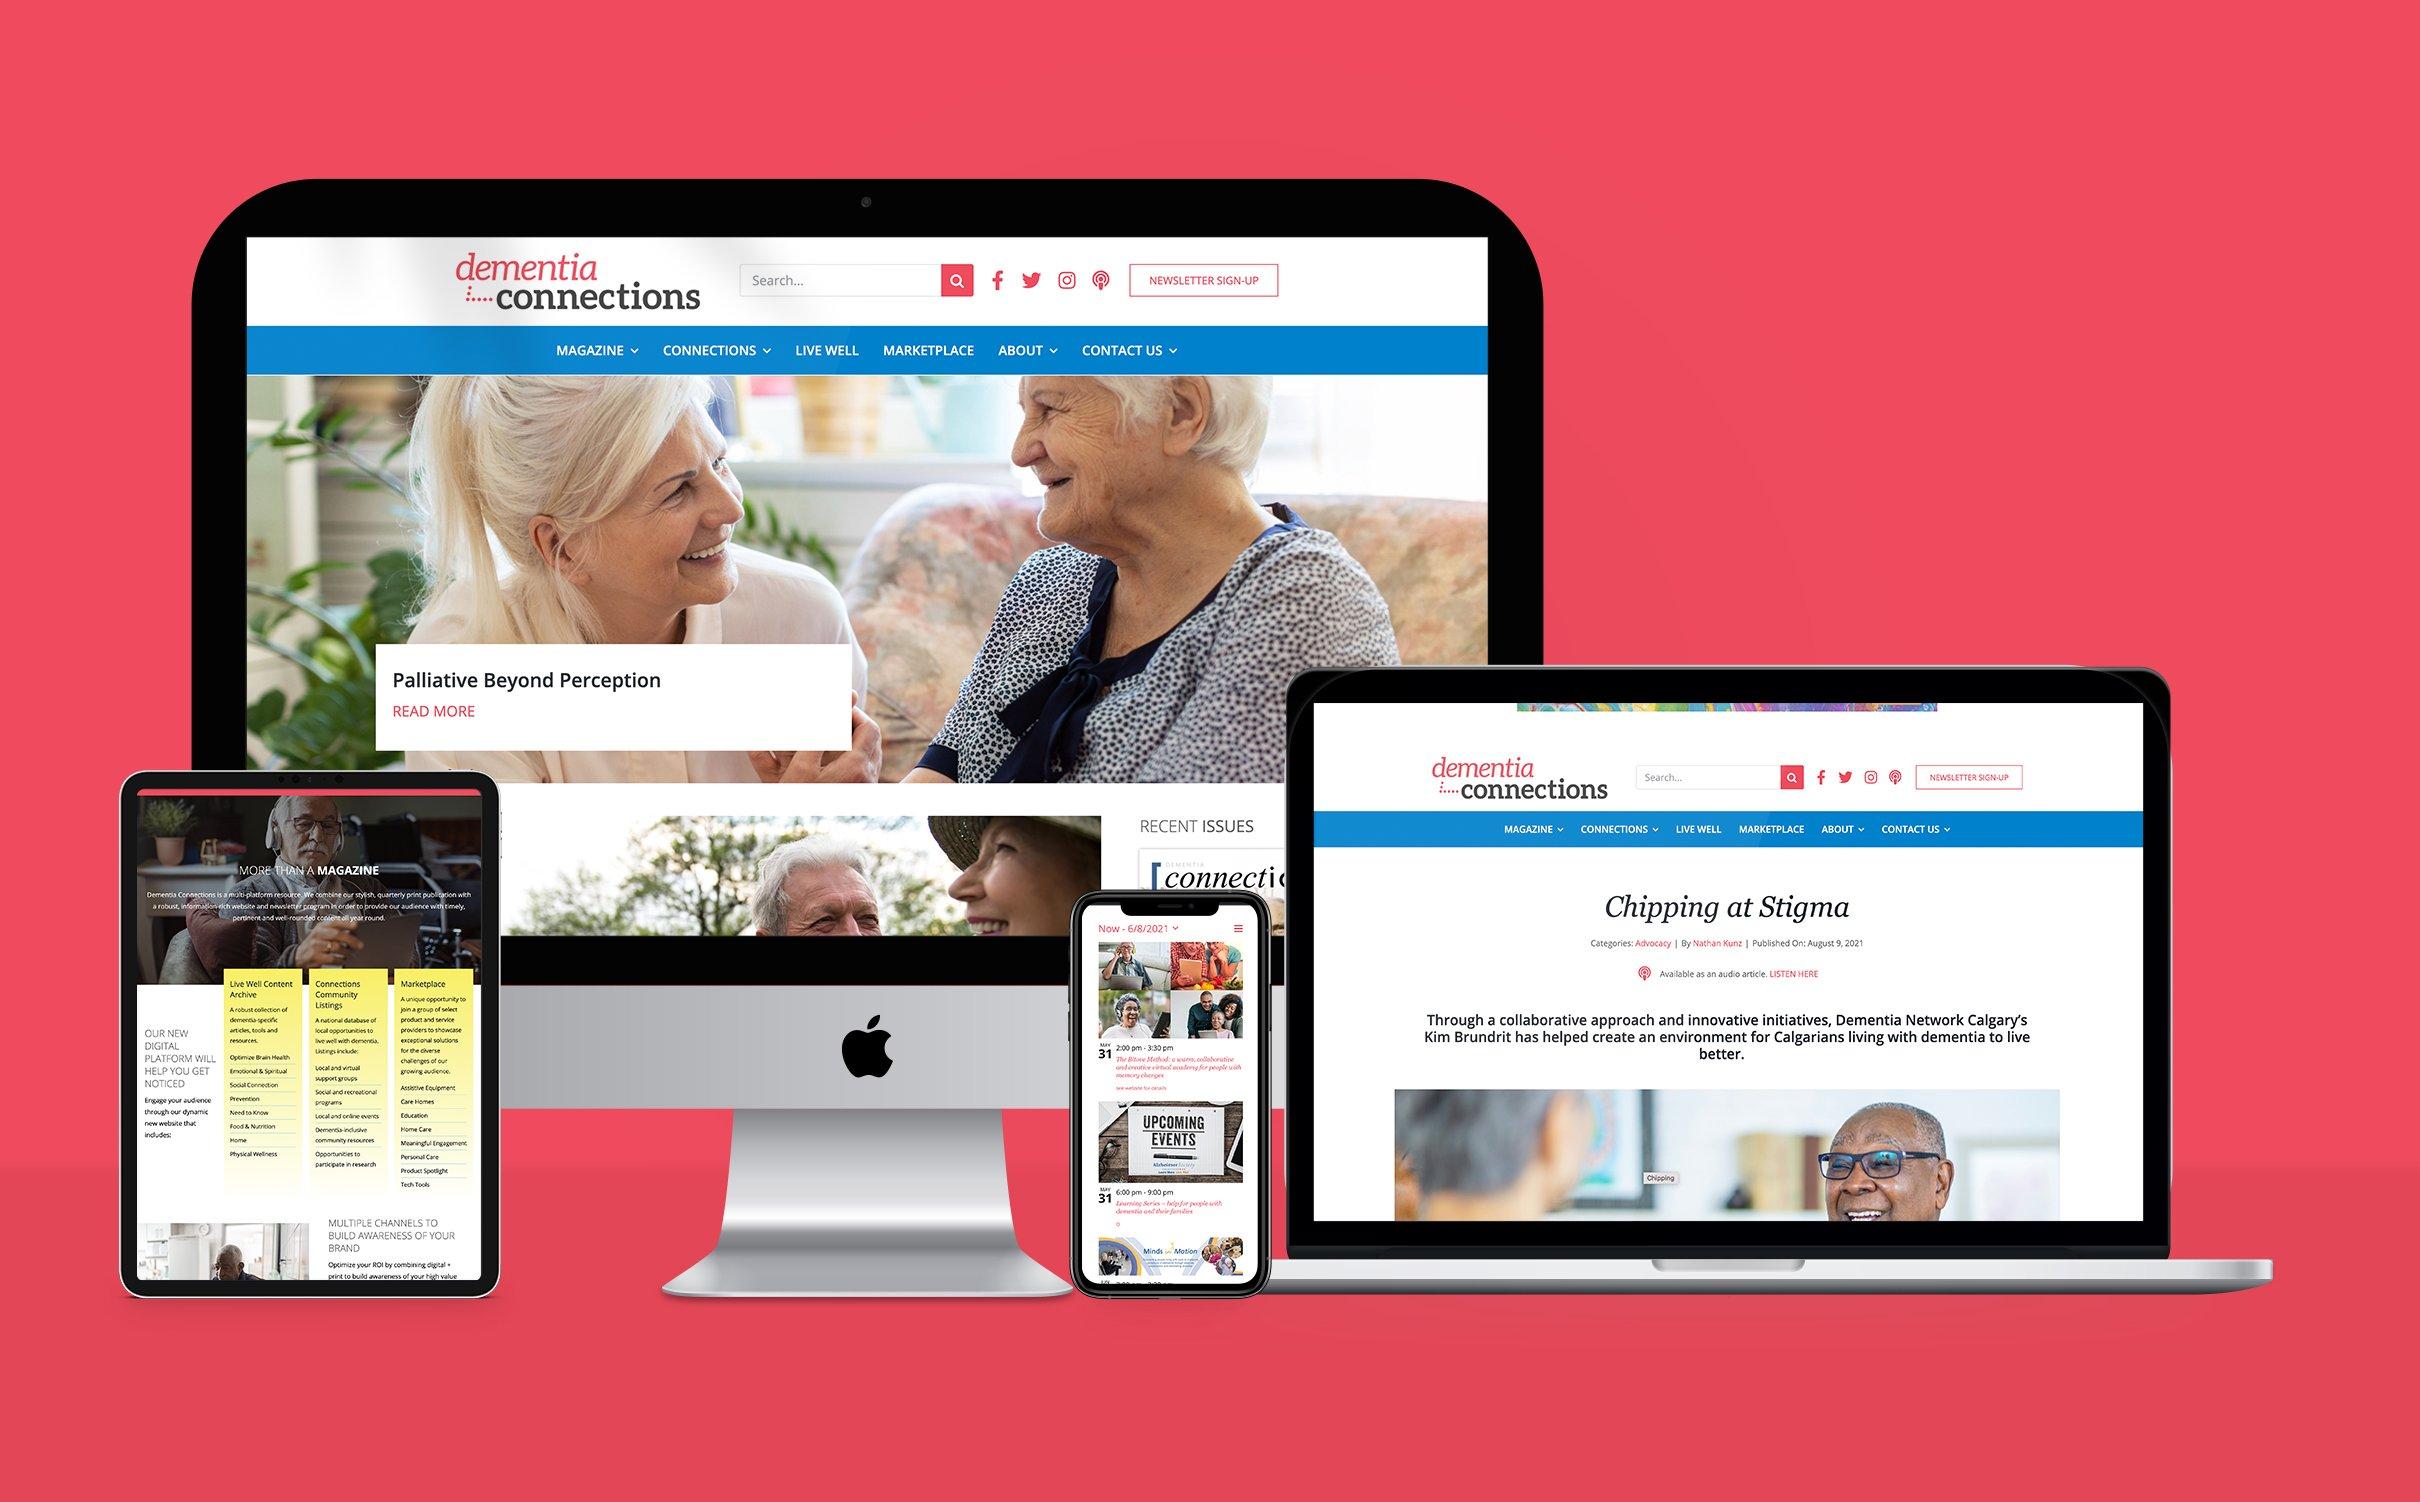 DEMENTIA CONNECTIONS - WEBSITE & E-COMMERCE